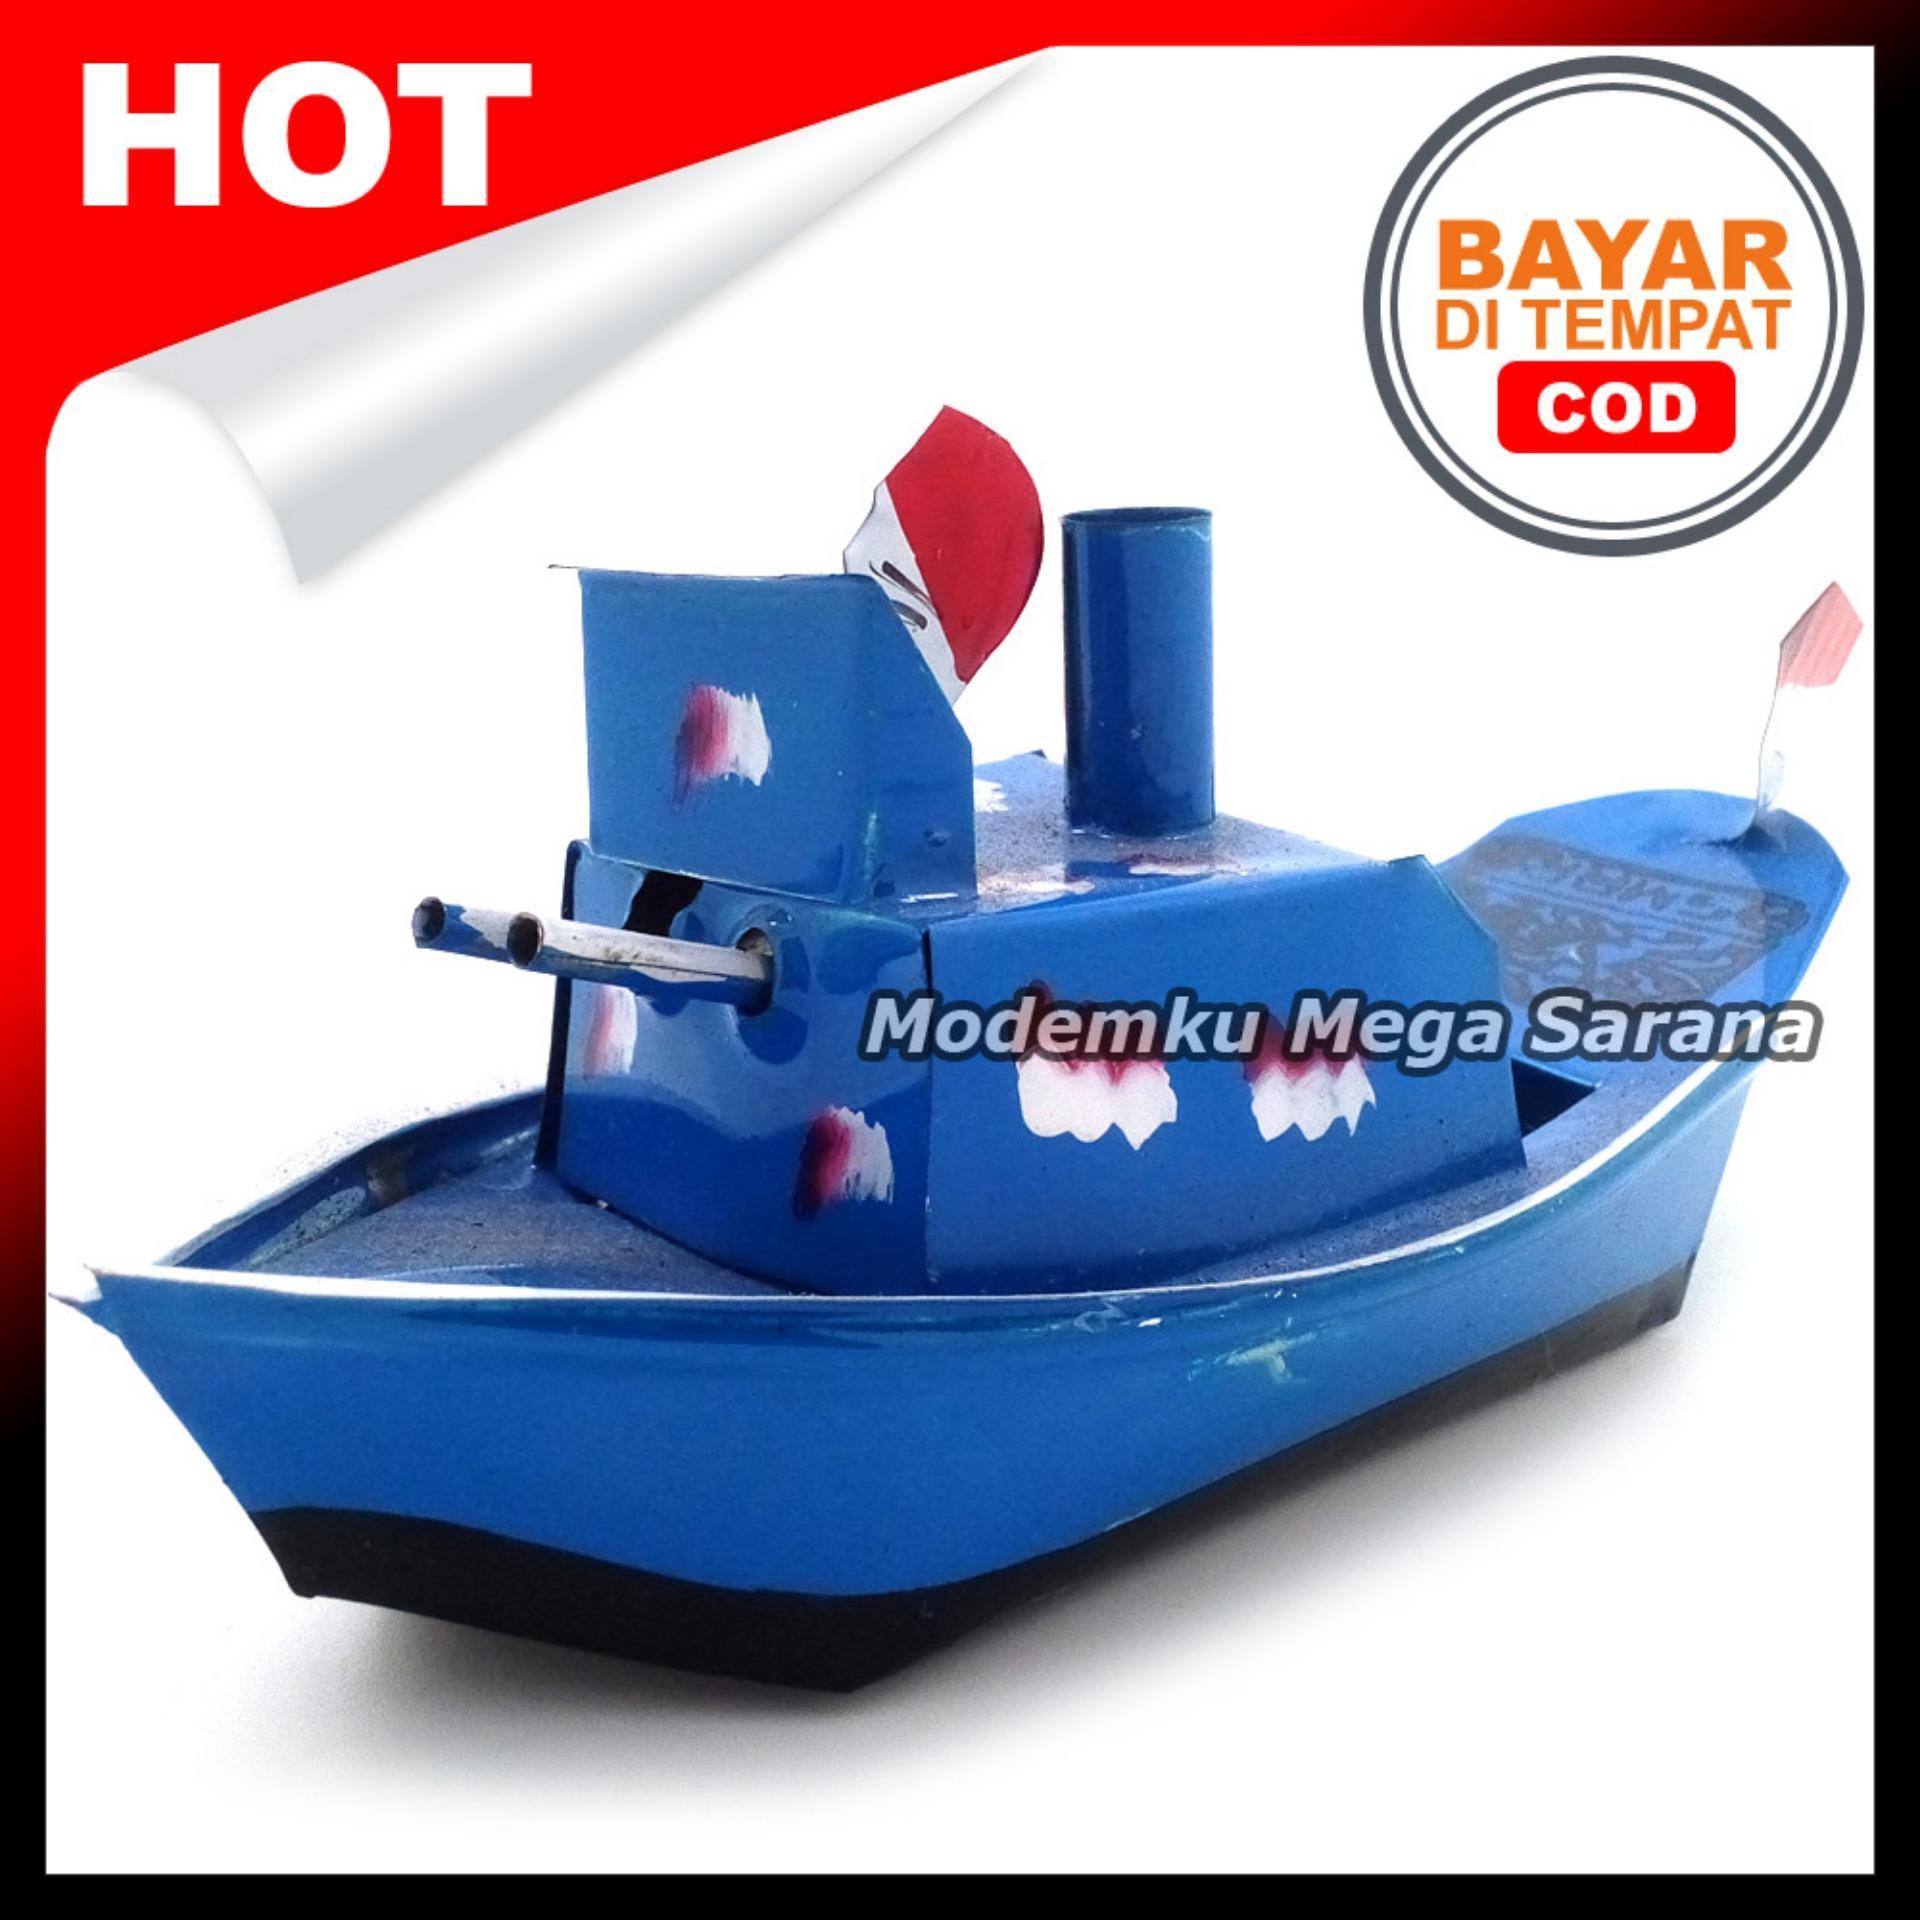 Mainan Tradisional Kapal Otok Otok - 15x6x6 cm